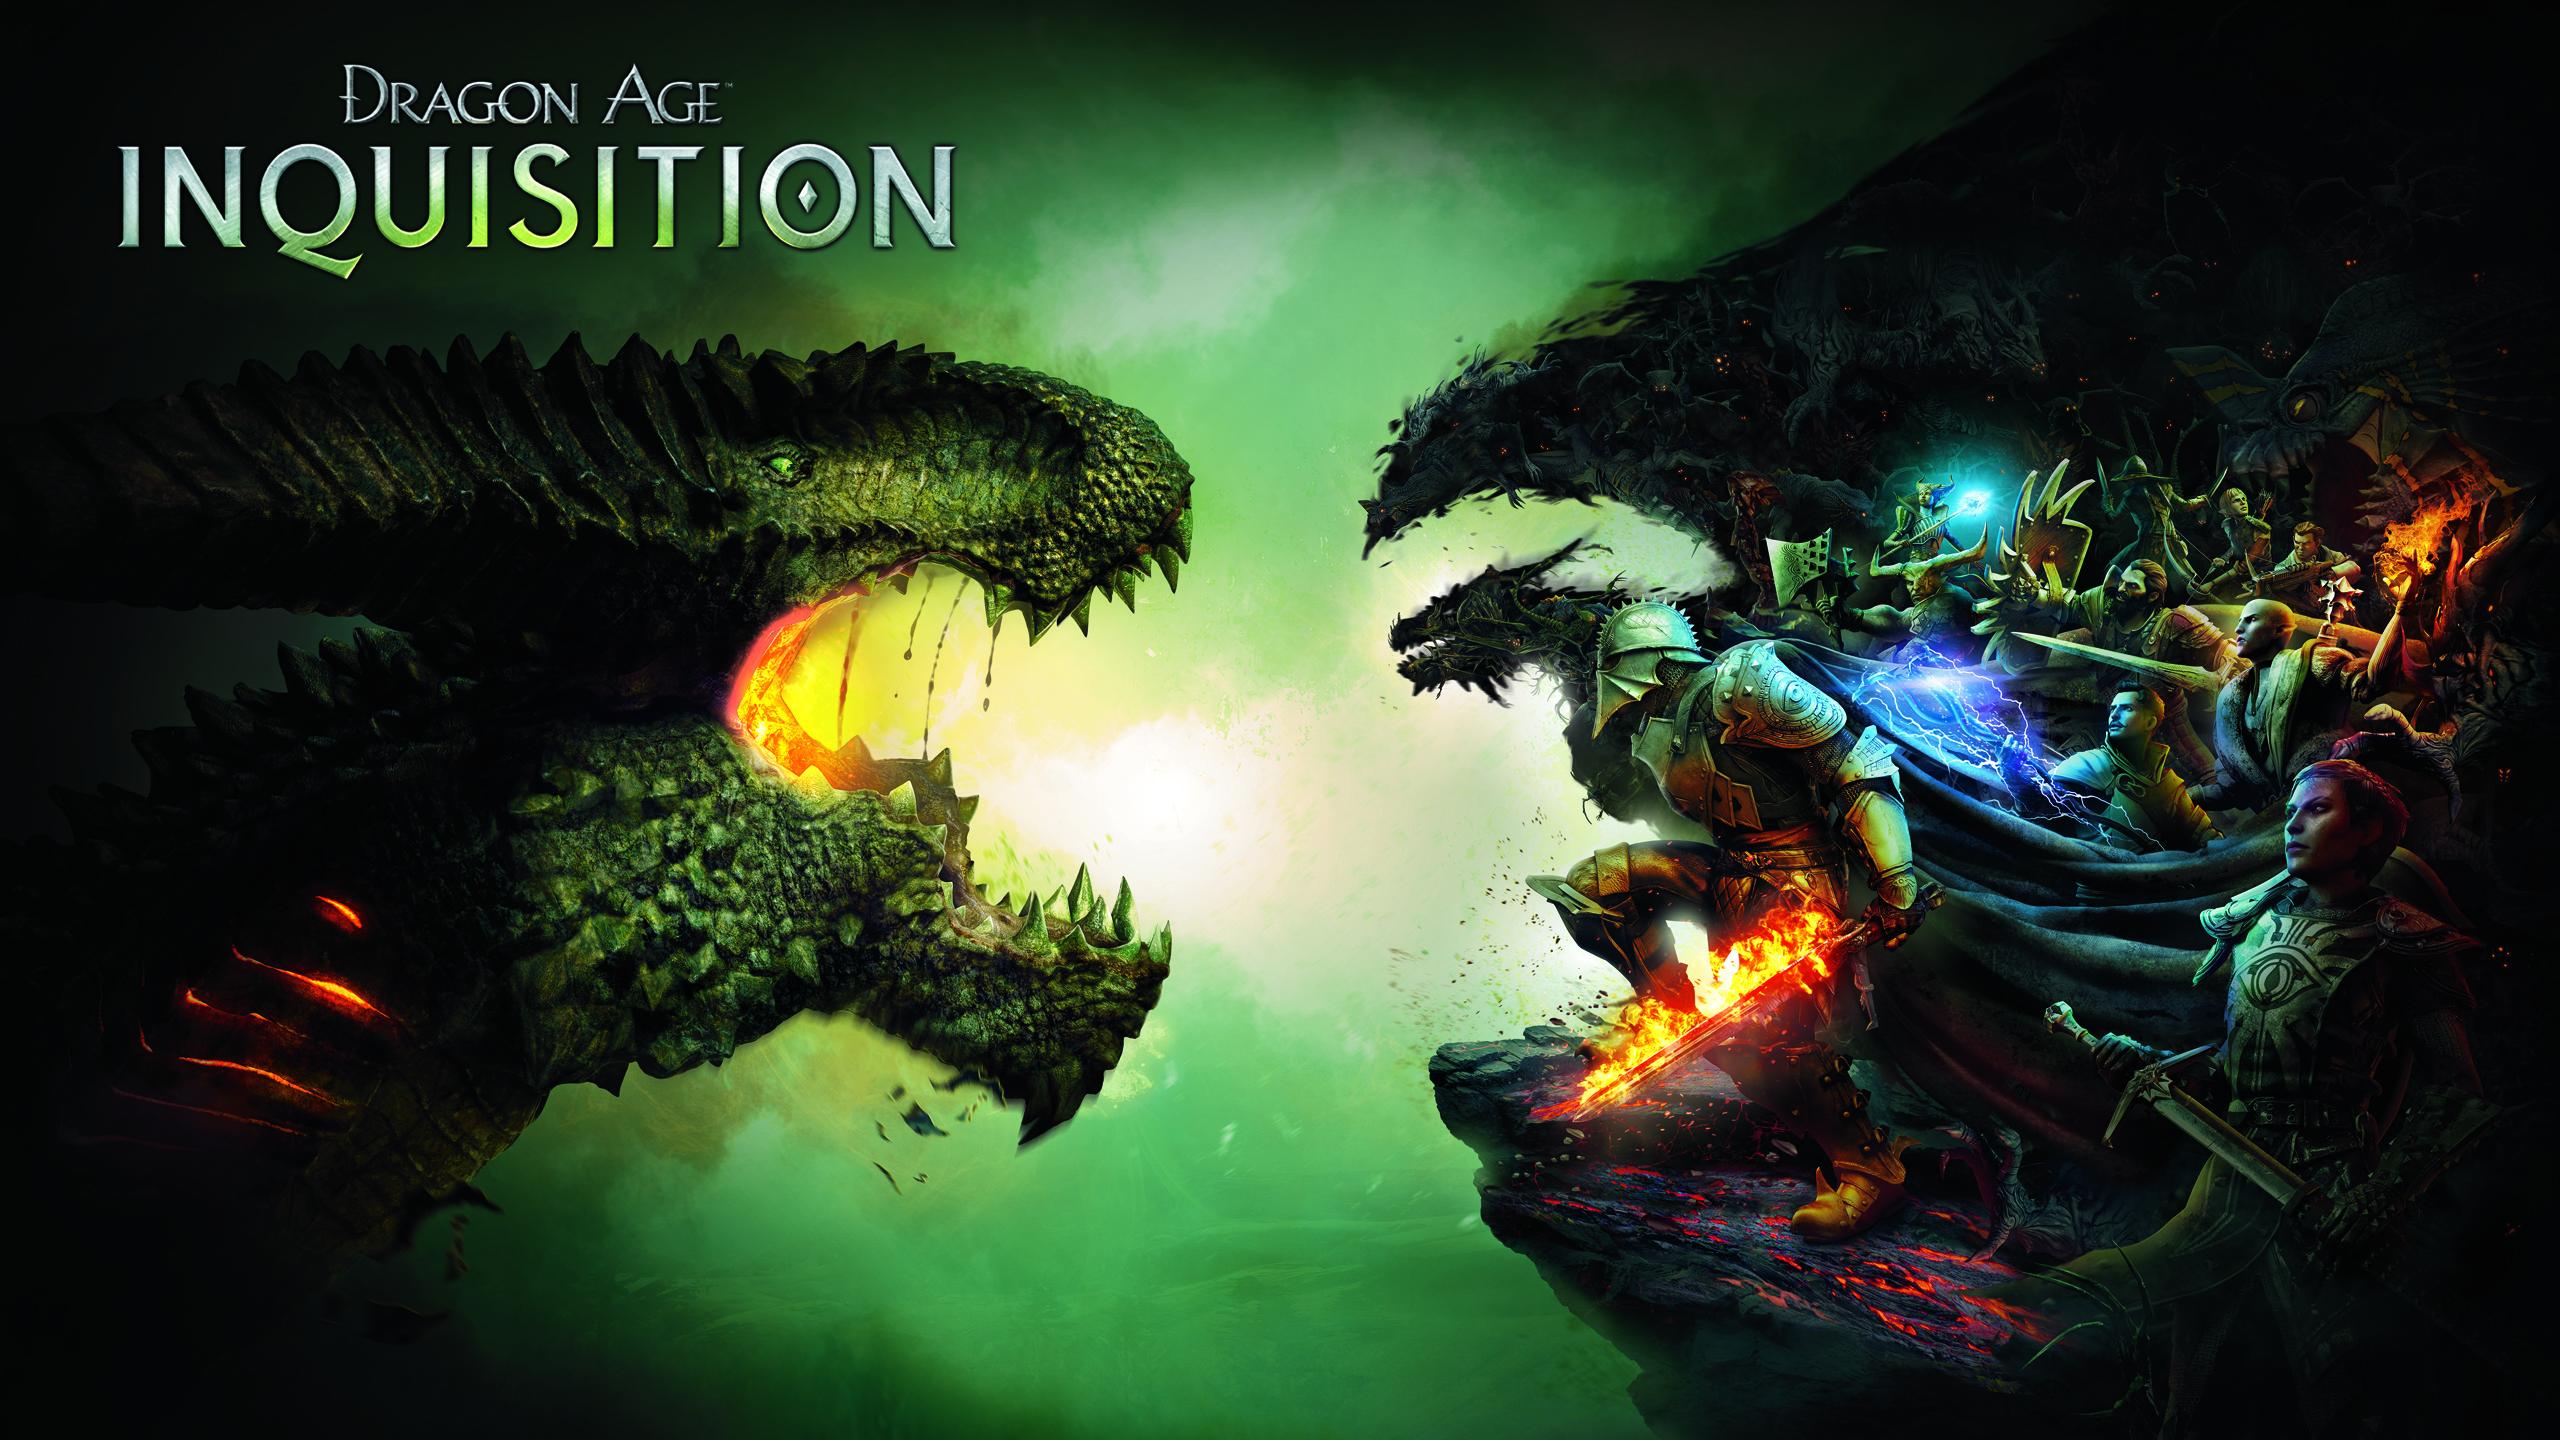 Игра Dragon возраст инквизиции. обои скачать